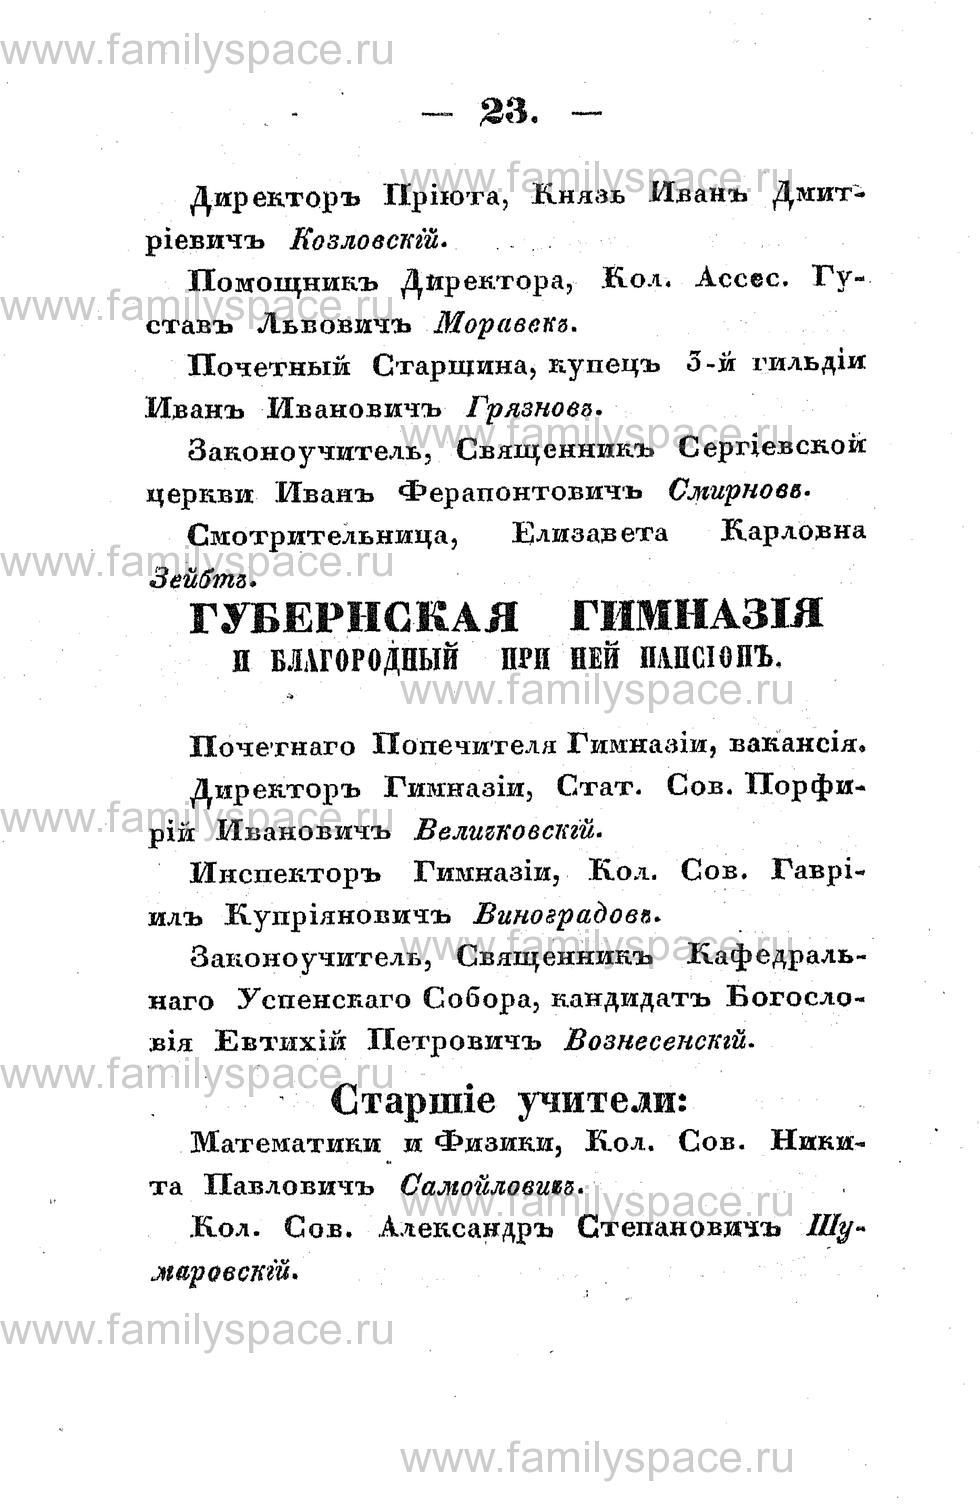 Поиск по фамилии - Памятная книжка Костромской губернии на 1853 год, страница 23